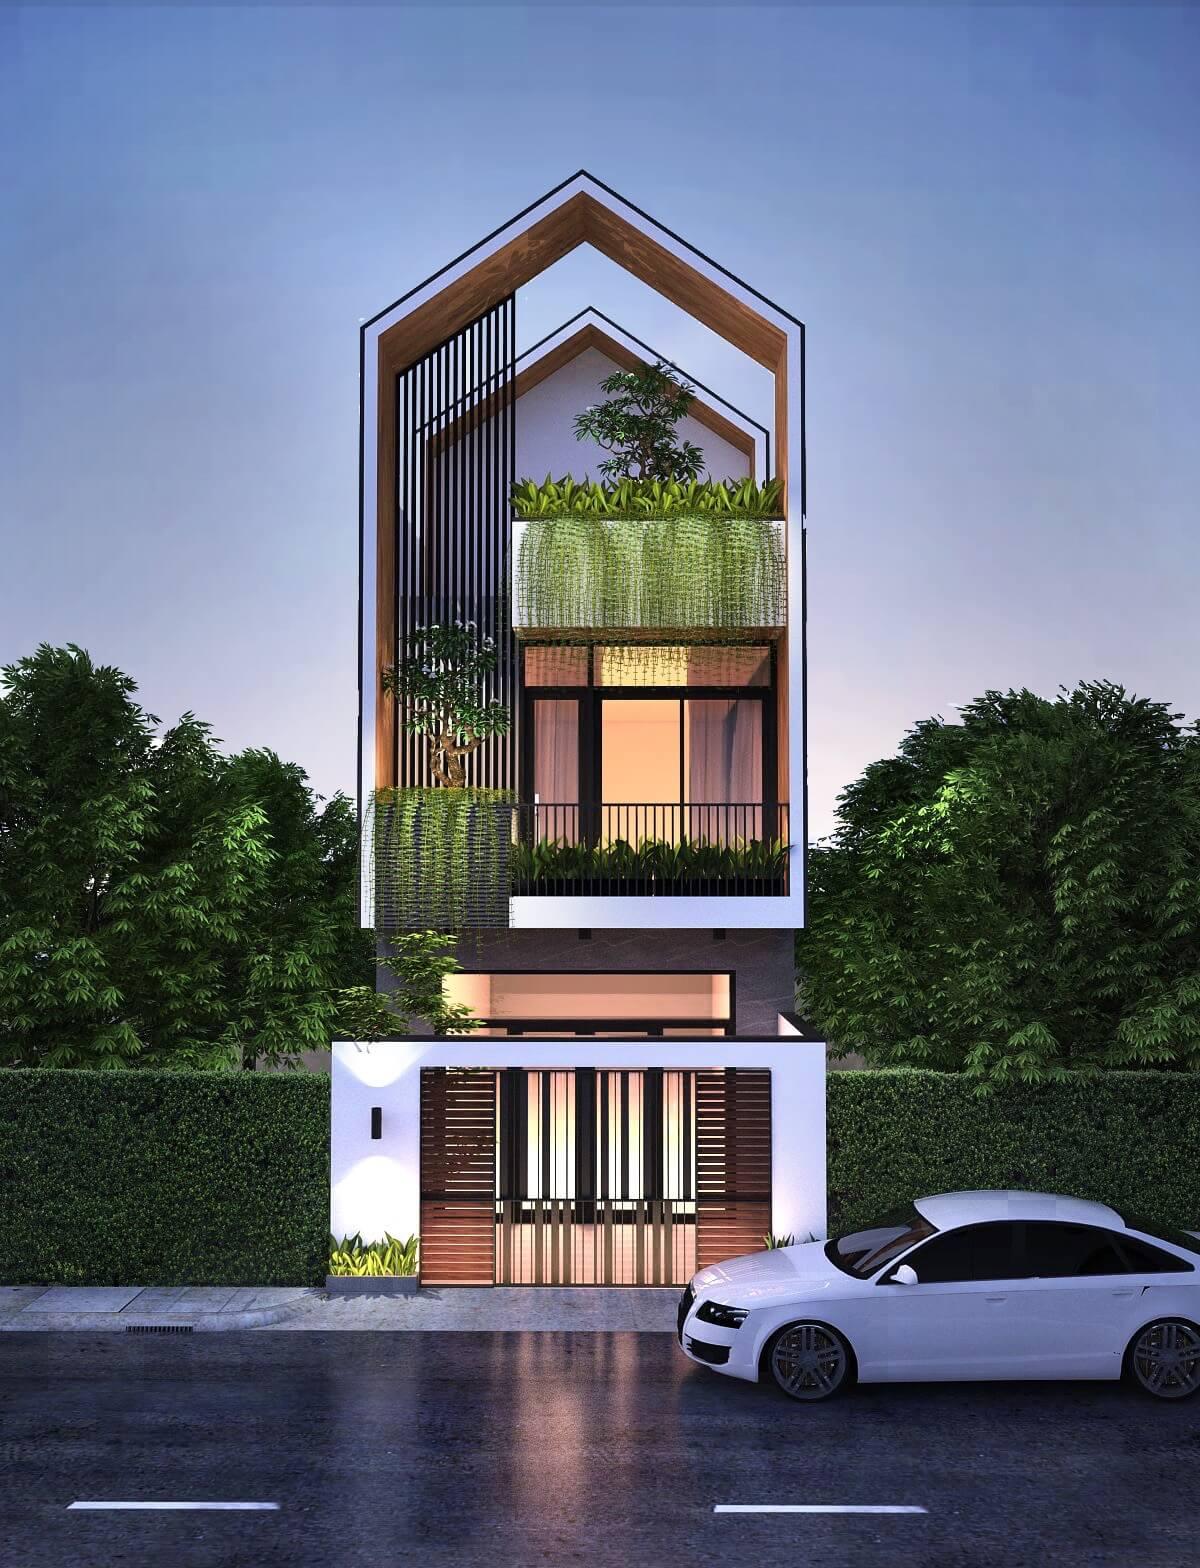 thiết kế mẫu nhà phố 3 tầng hiện đại gần gũi với thiên nhiên 3